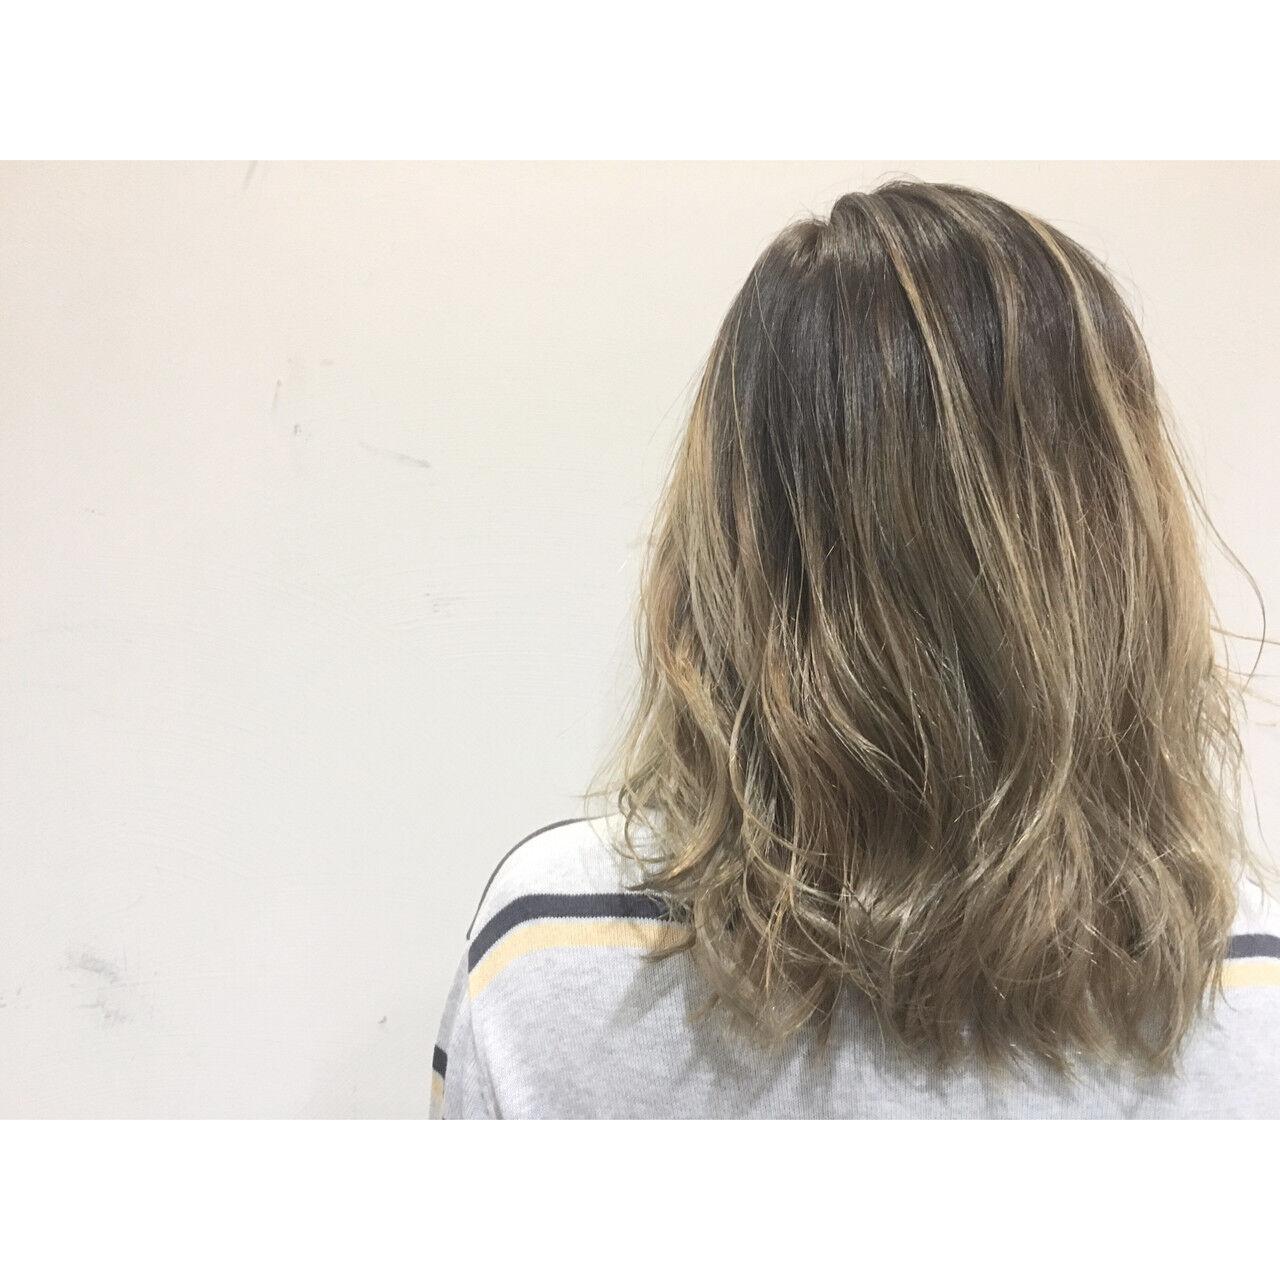 ハイライト ブラウン ストリート ボブヘアスタイルや髪型の写真・画像